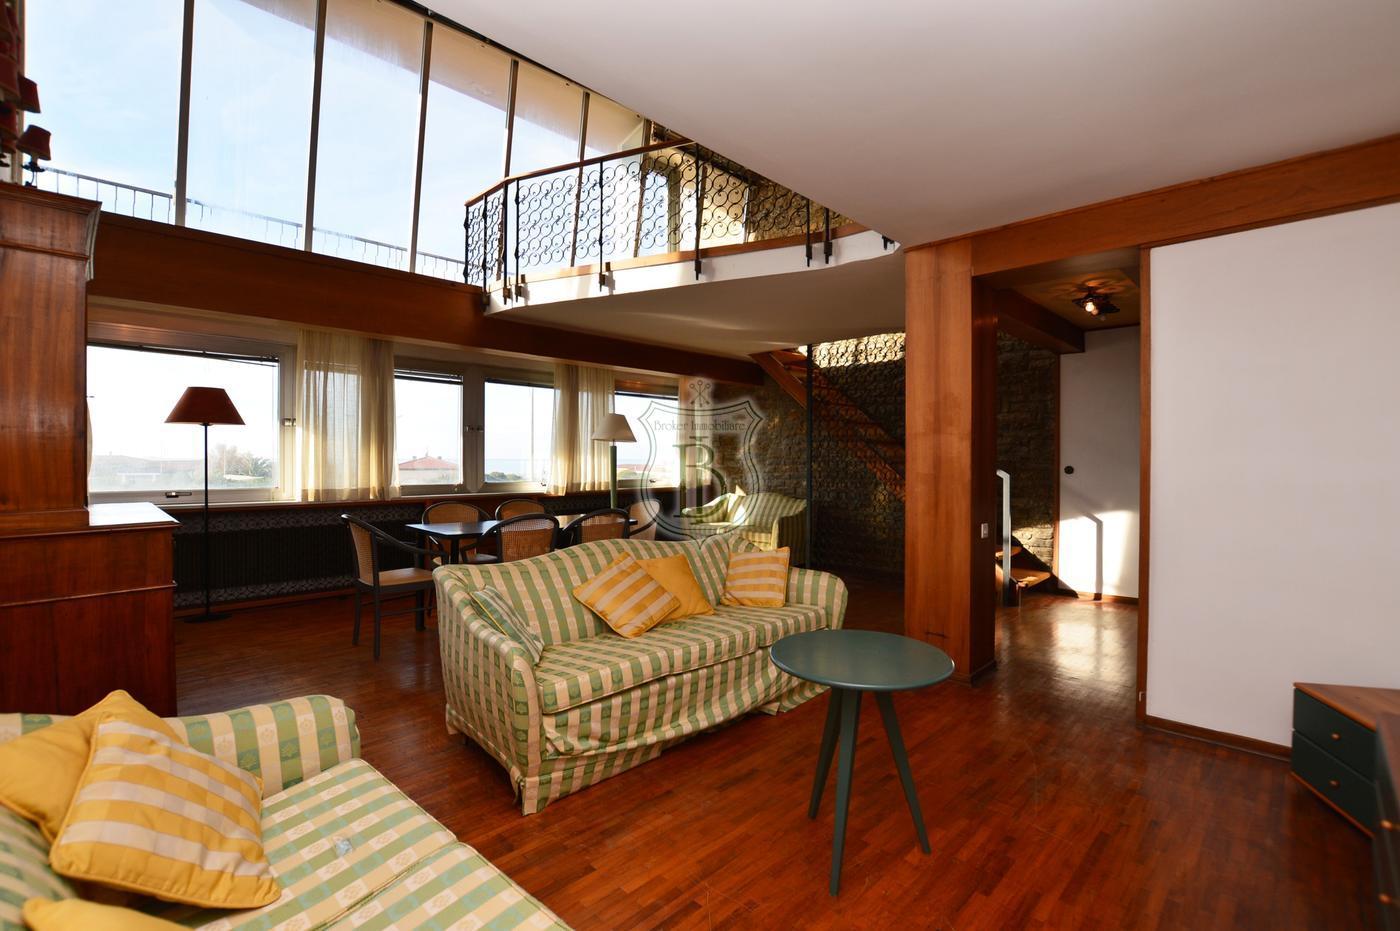 Appartamento in vendita a Viareggio, di grandi dimensioni e con vista mare